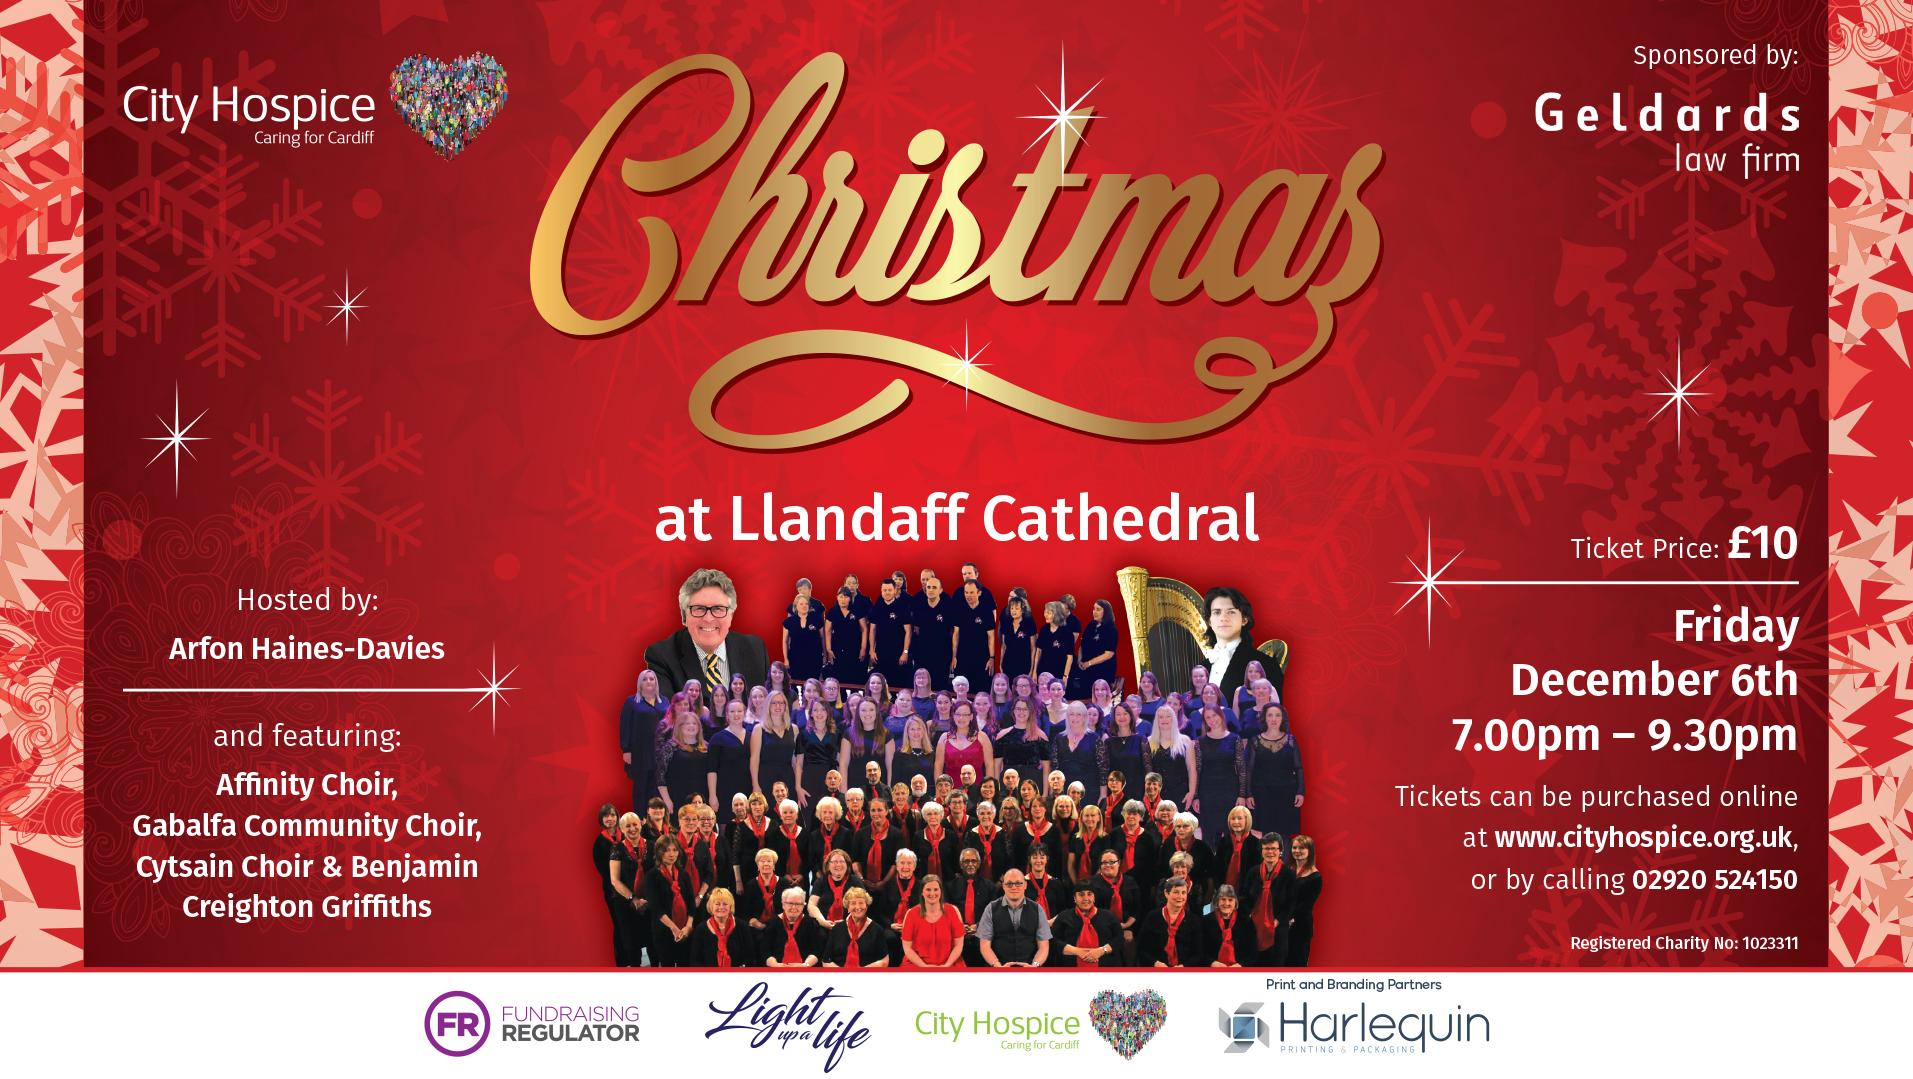 Christmas at Llandaff Cathedal